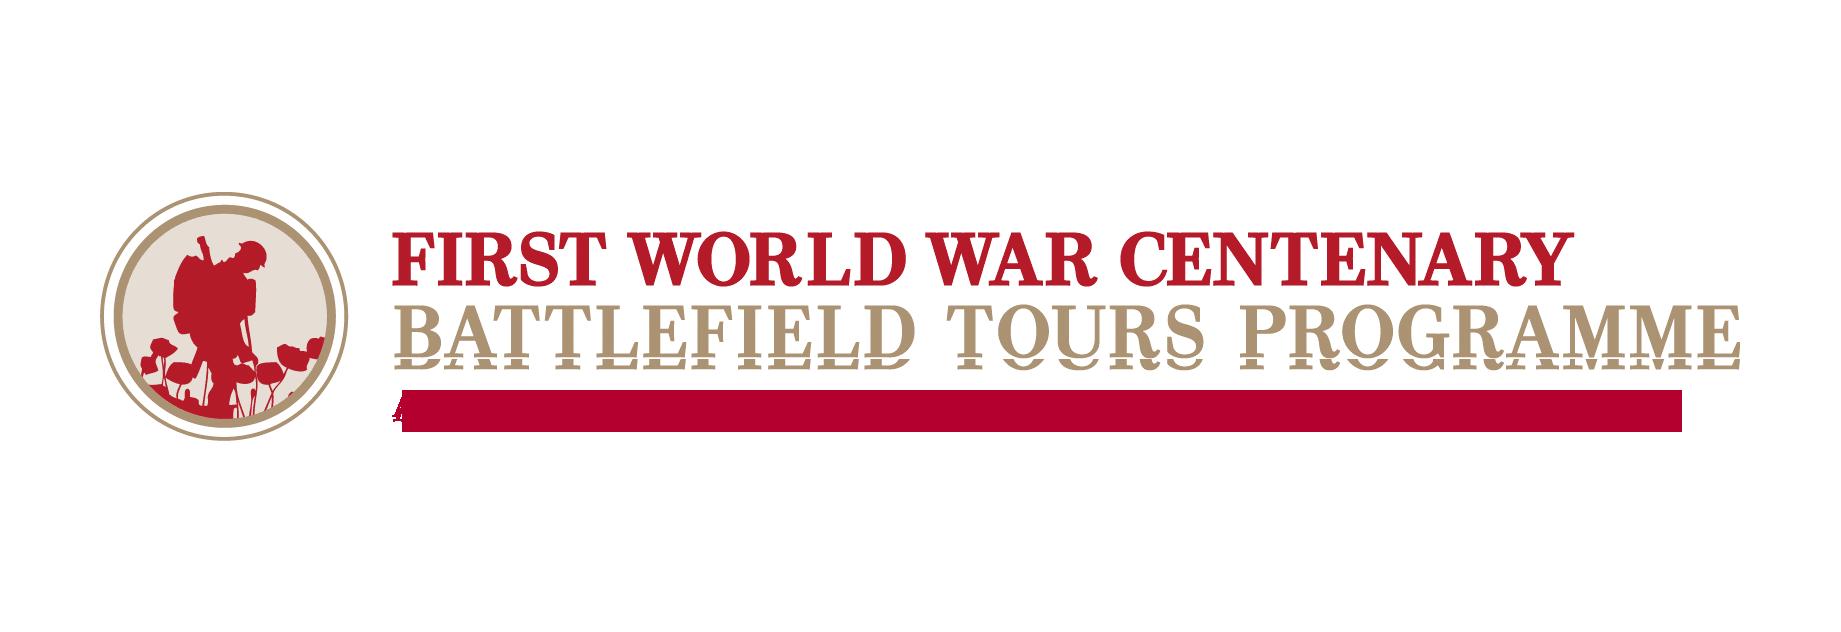 First world war battlefields logo.png